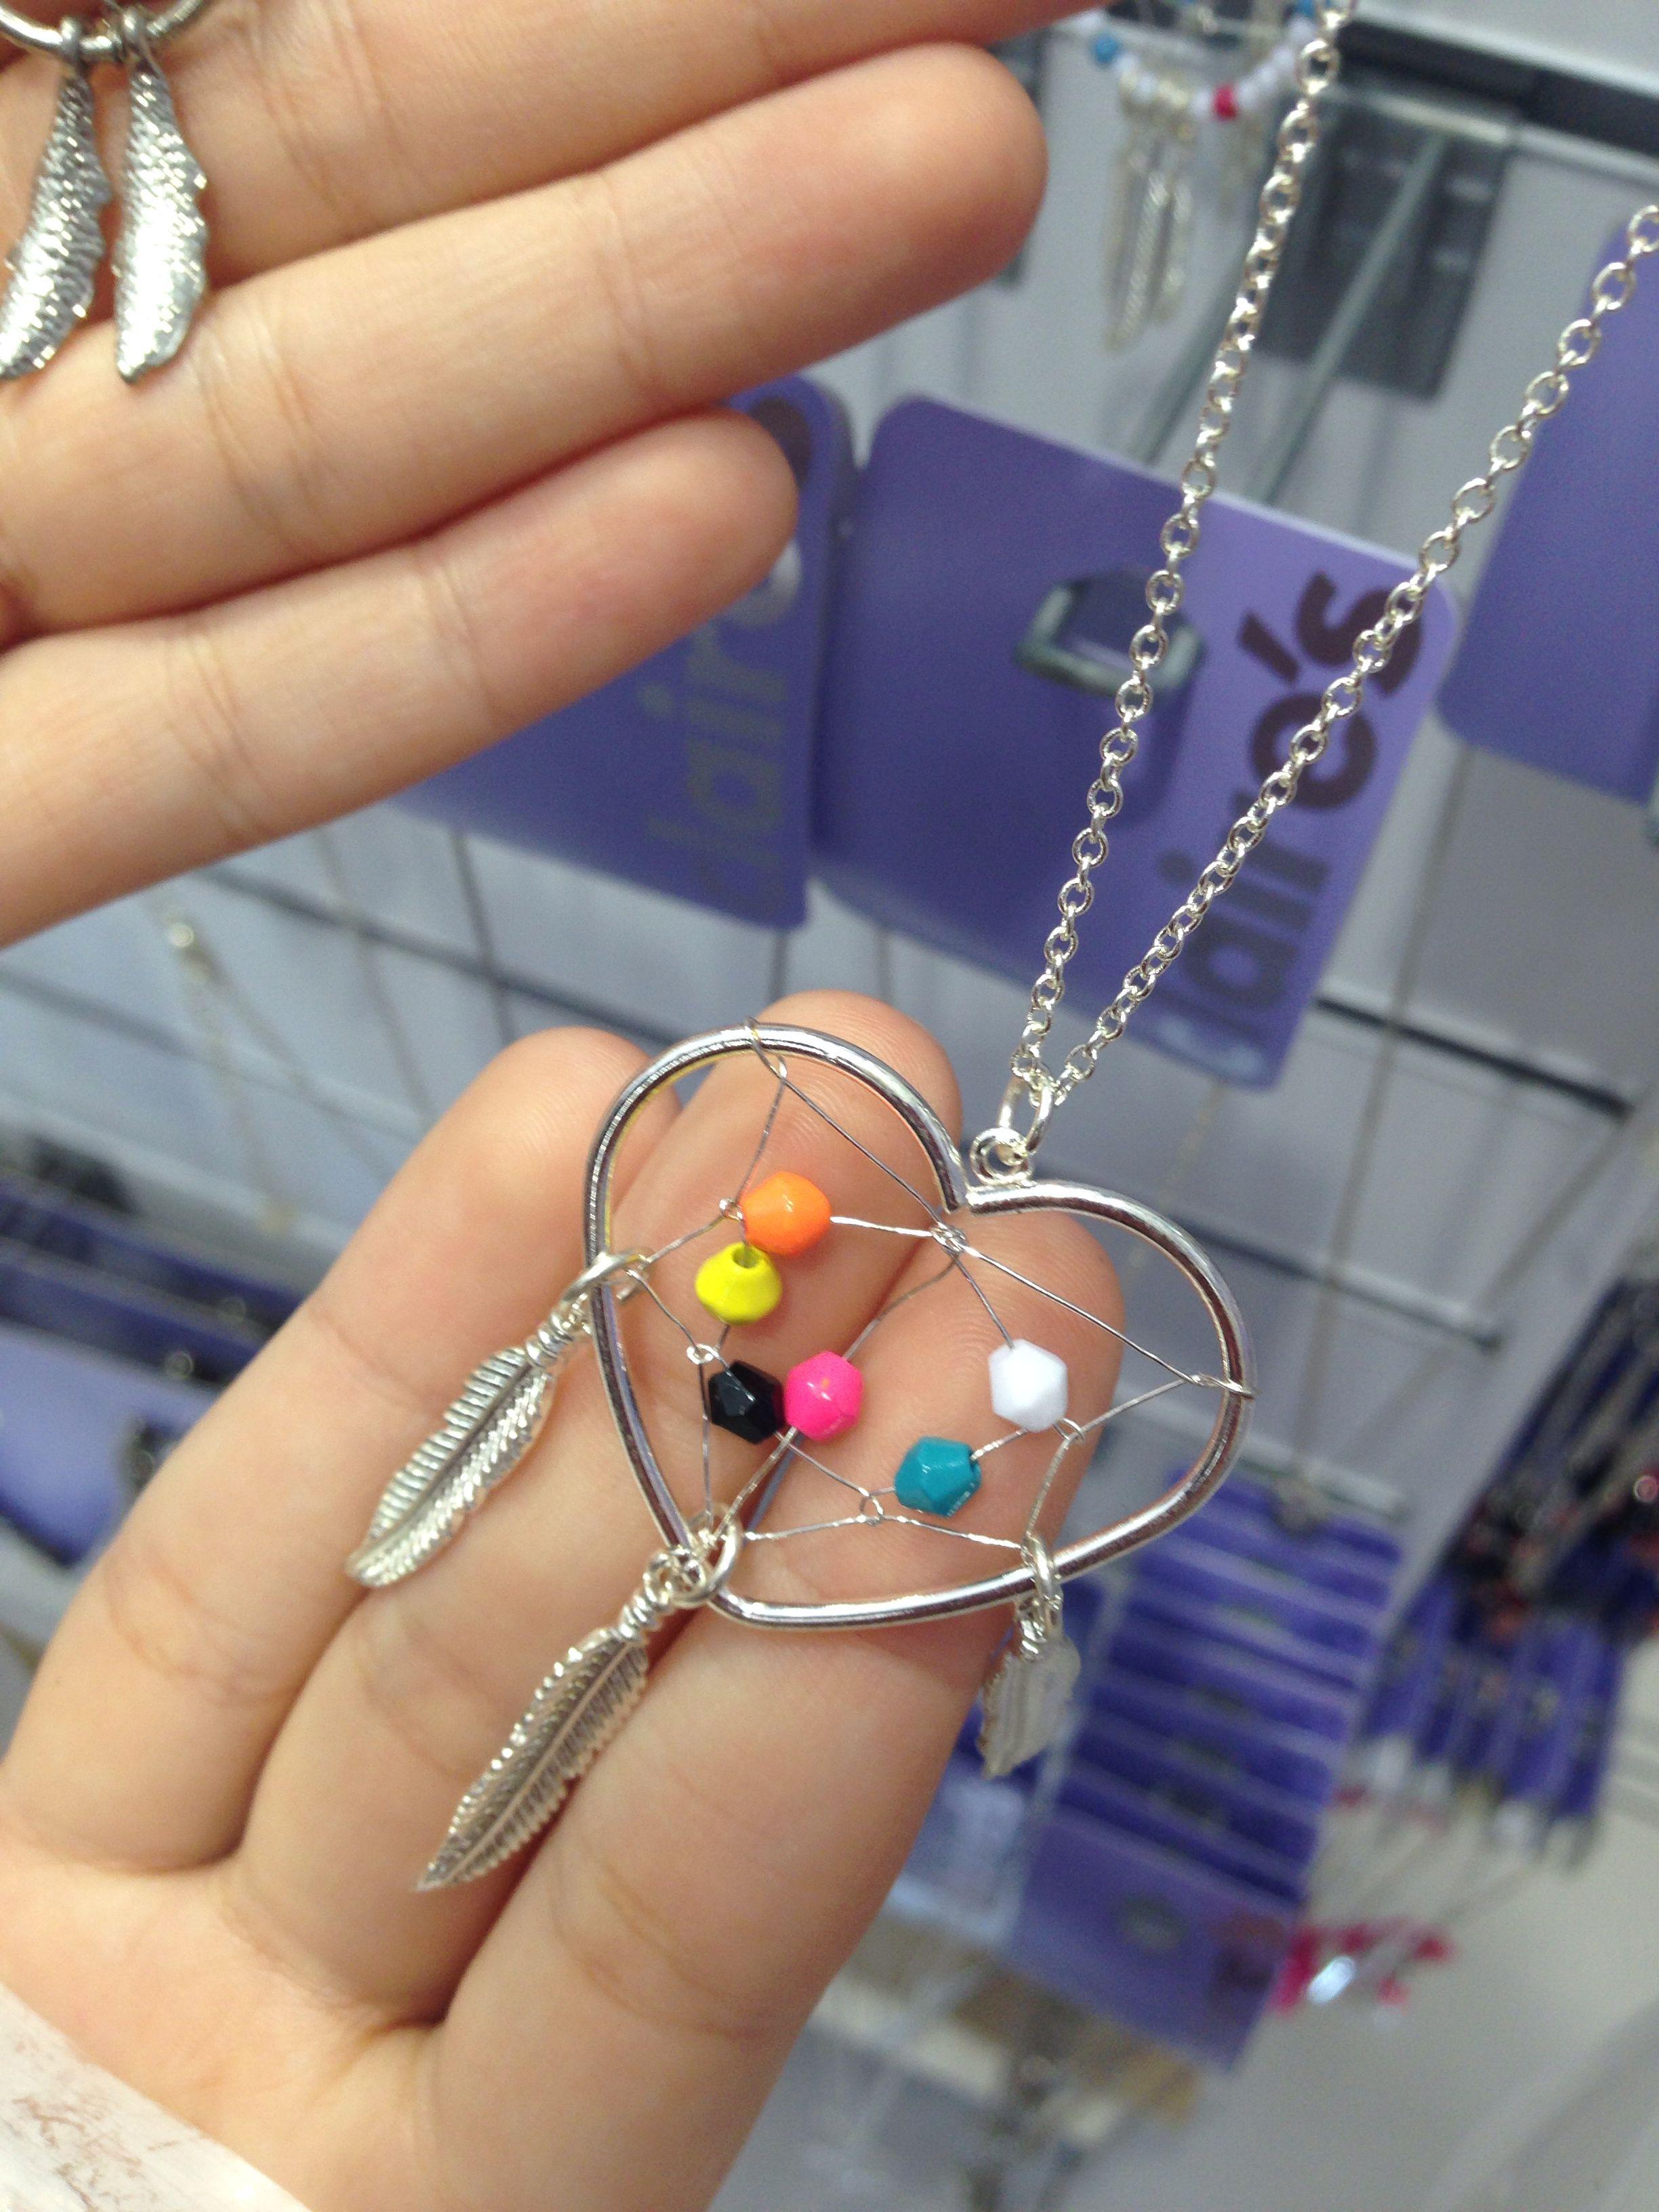 Drömfångare smycken (med bilder) Smycken, Drömfångare